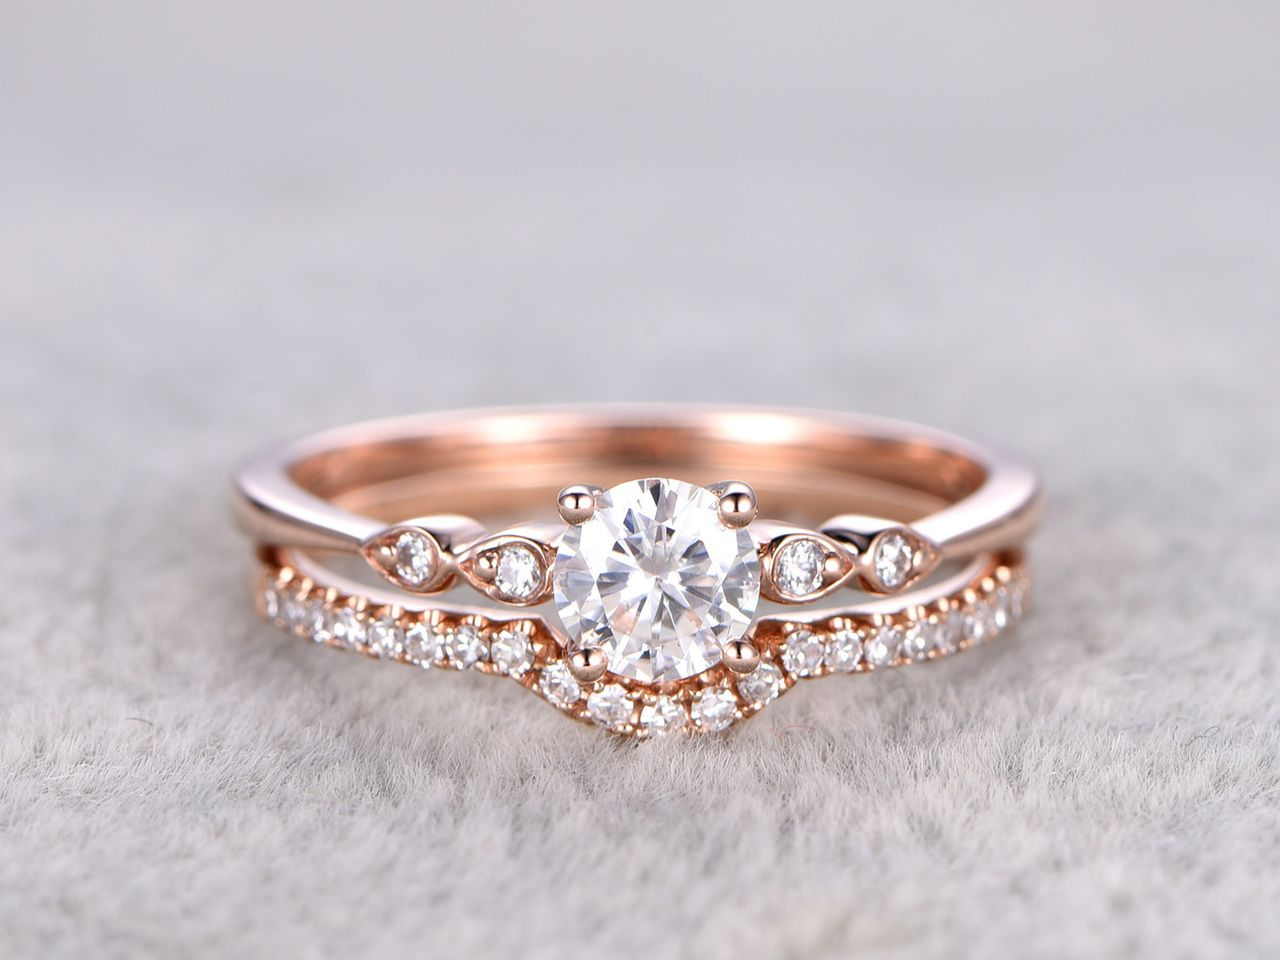 2pcs Moissanite Wedding Ring Set Diamond Matching Band Rose Gold Art Deco Curved Thin Pave Stacking 14k 18k